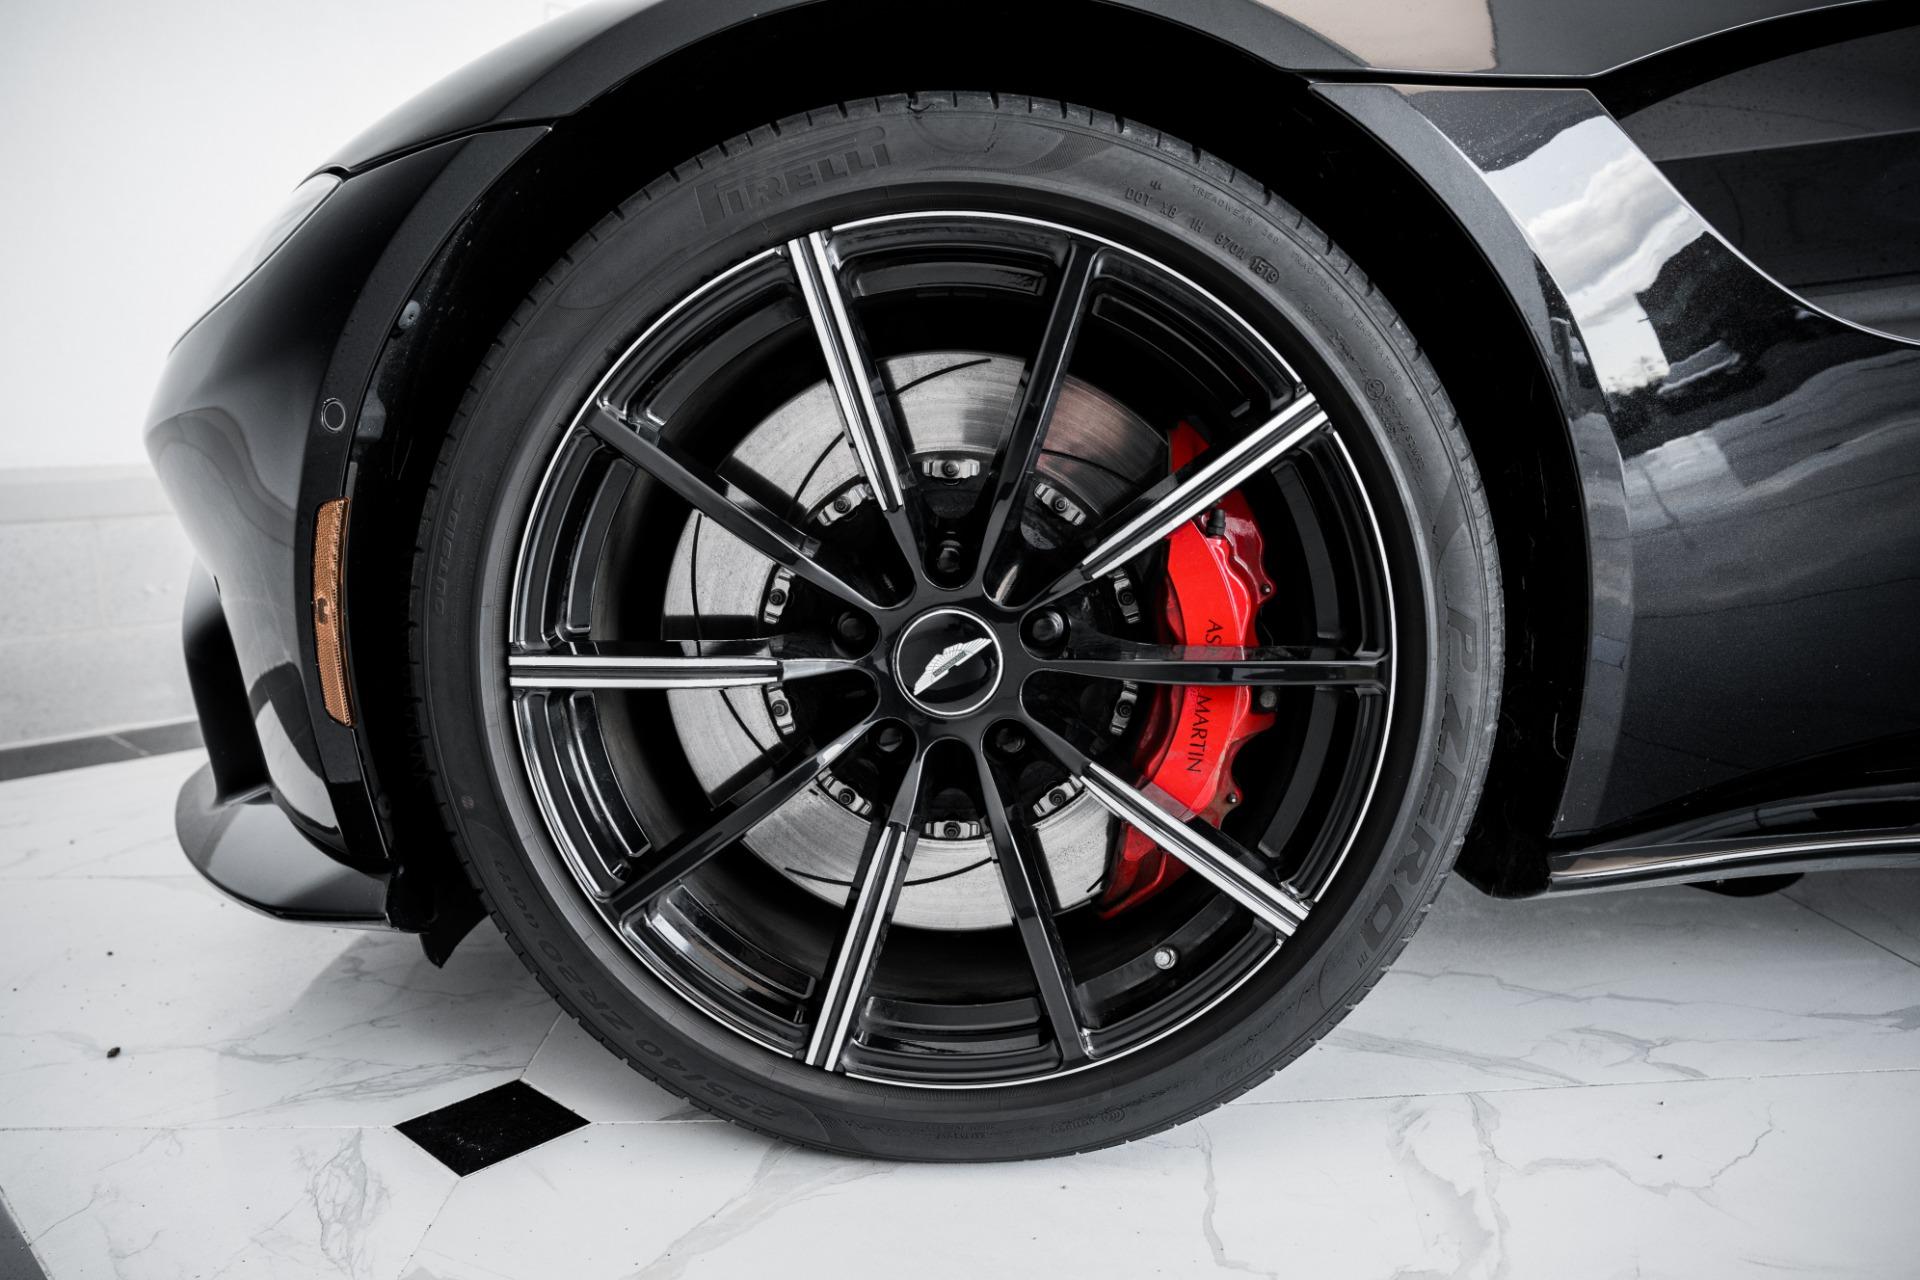 2020 Aston Martin Vantage Stock 2n03280 For Sale Near Vienna Va Va Aston Martin Dealer